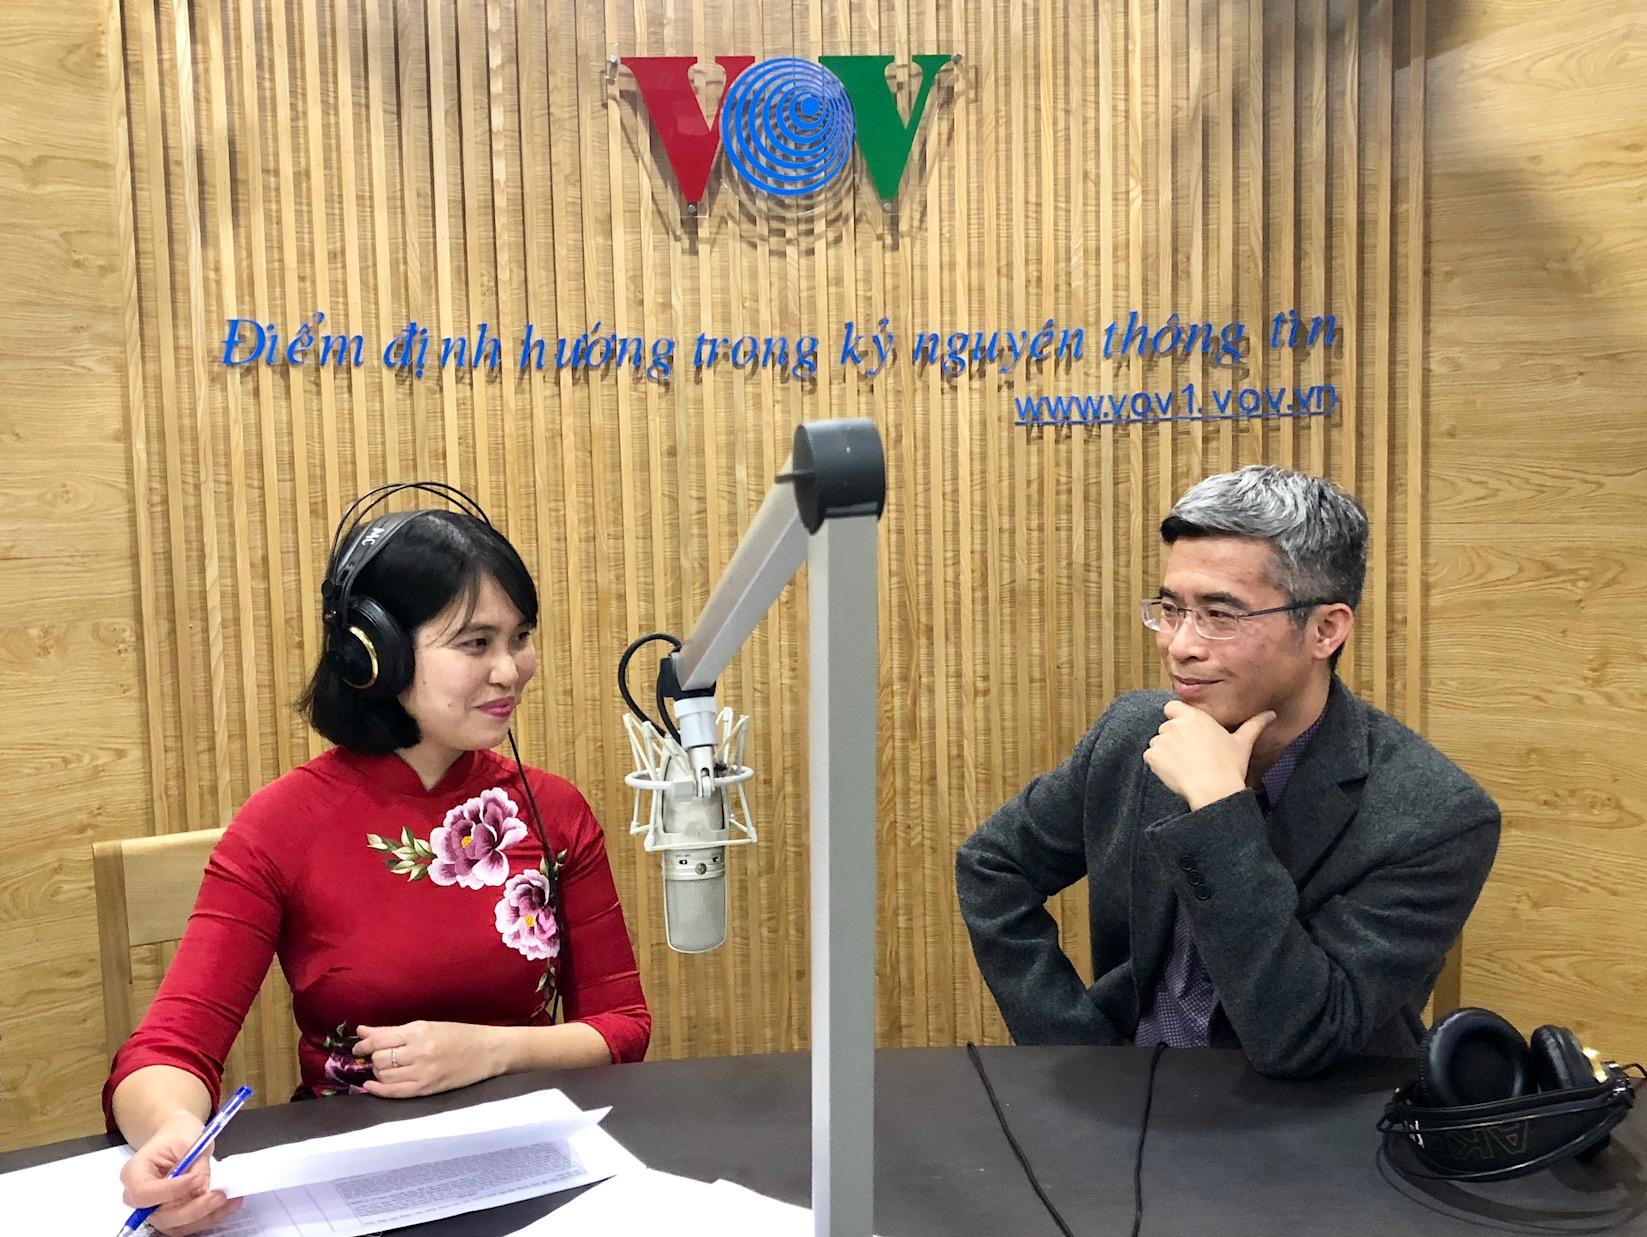 Lòng nhân ái: Một giá trị văn hóa truyền thống cần kế thừa và phát huy trong việc xây dựng lối sống ở Việt Nam hiện nay